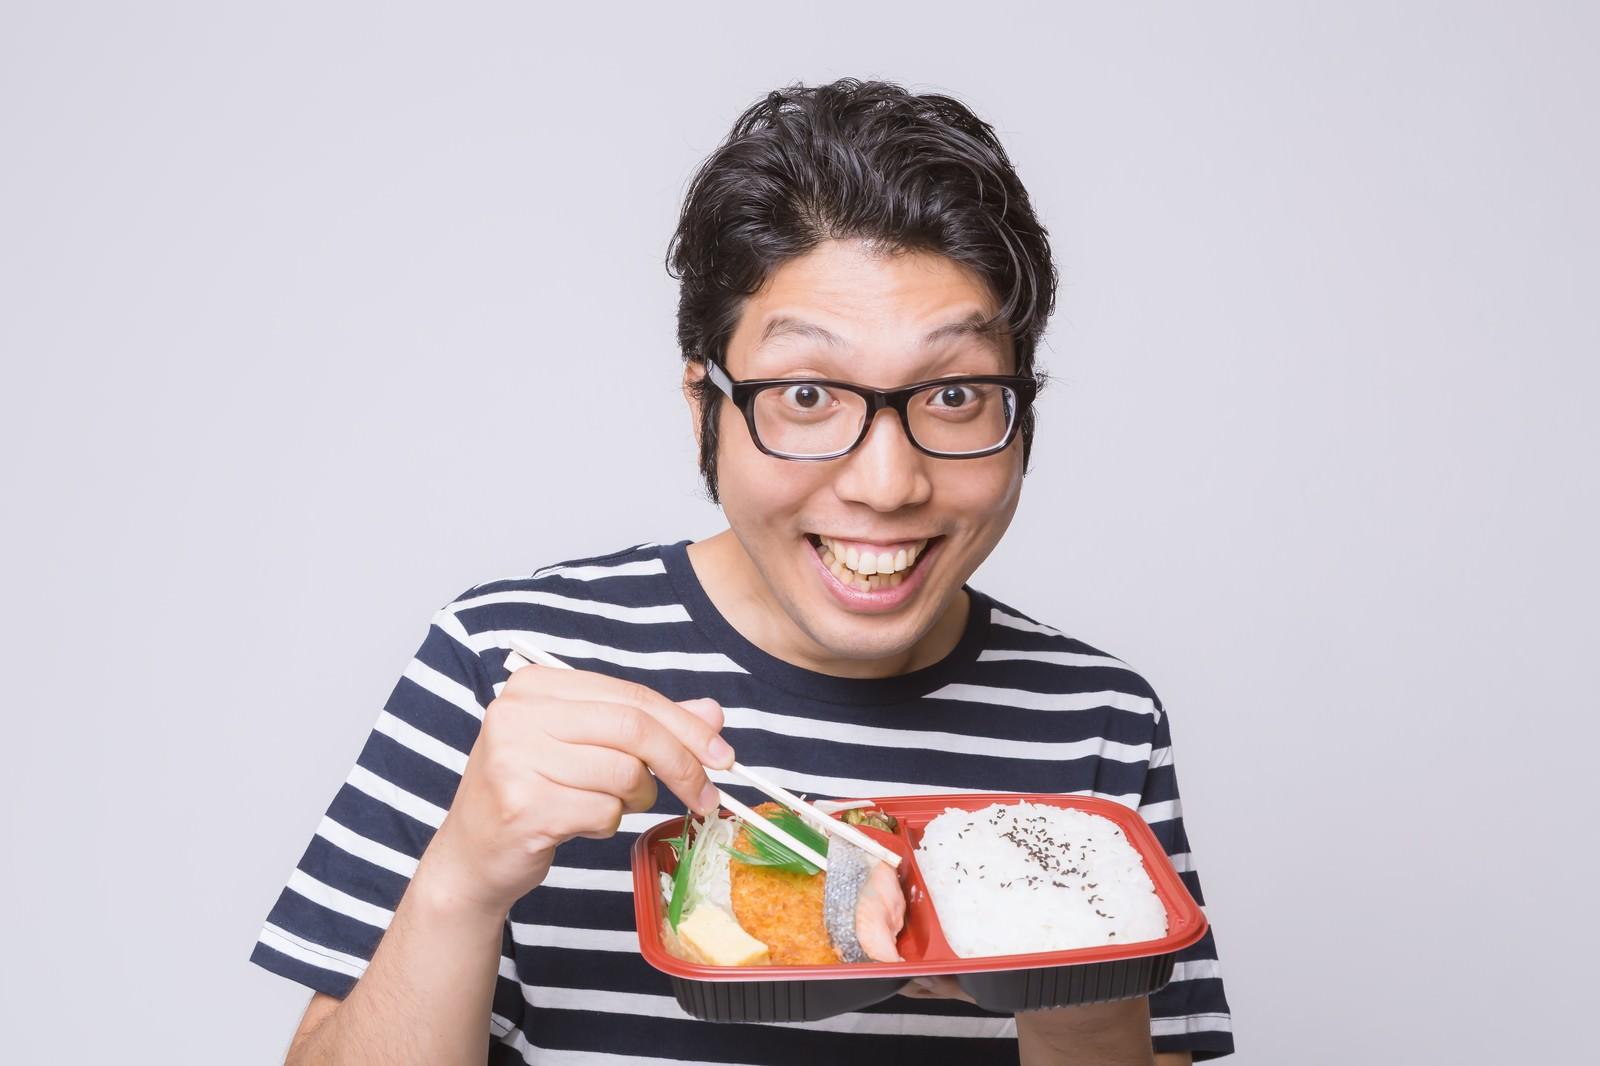 「喜んでお弁当を食べる男性喜んでお弁当を食べる男性」[モデル:紳さん]のフリー写真素材を拡大